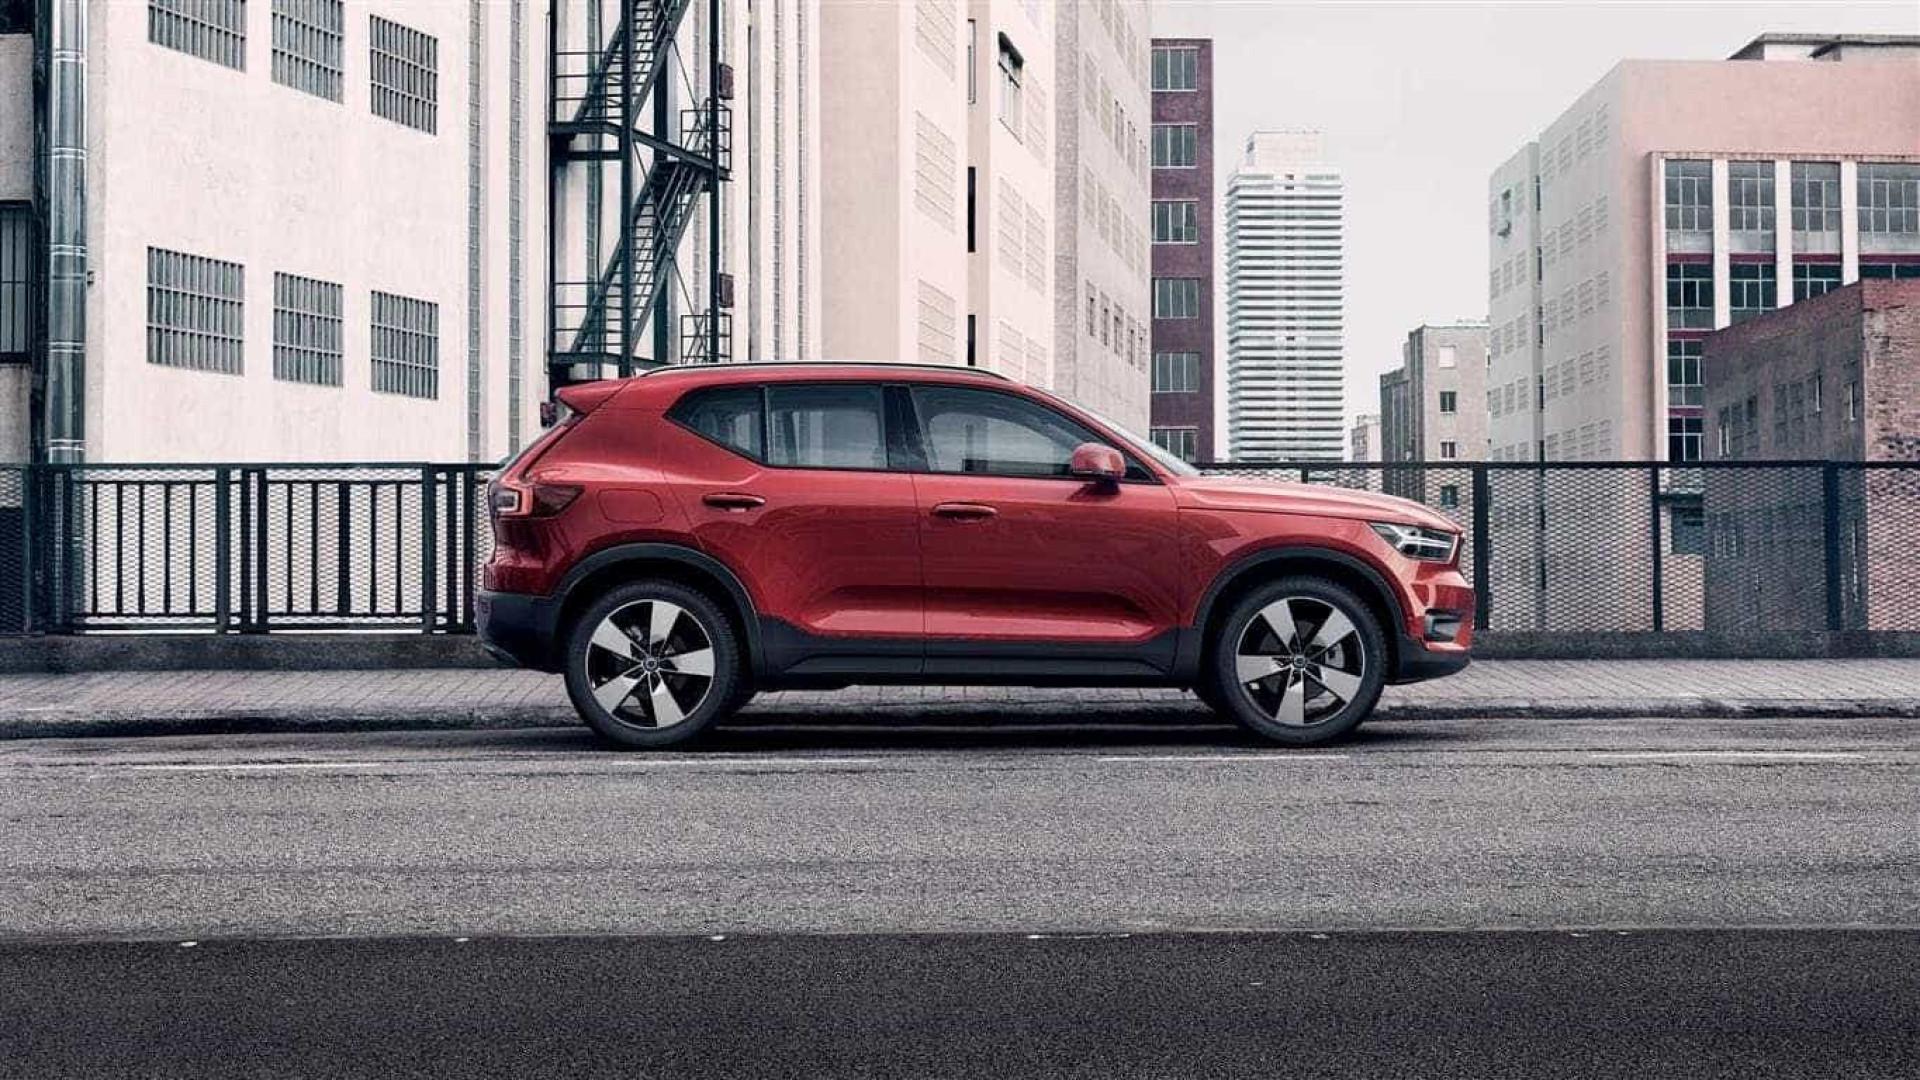 A nova máquina da Volvo, o XC40 já tem data marcada em Portugal